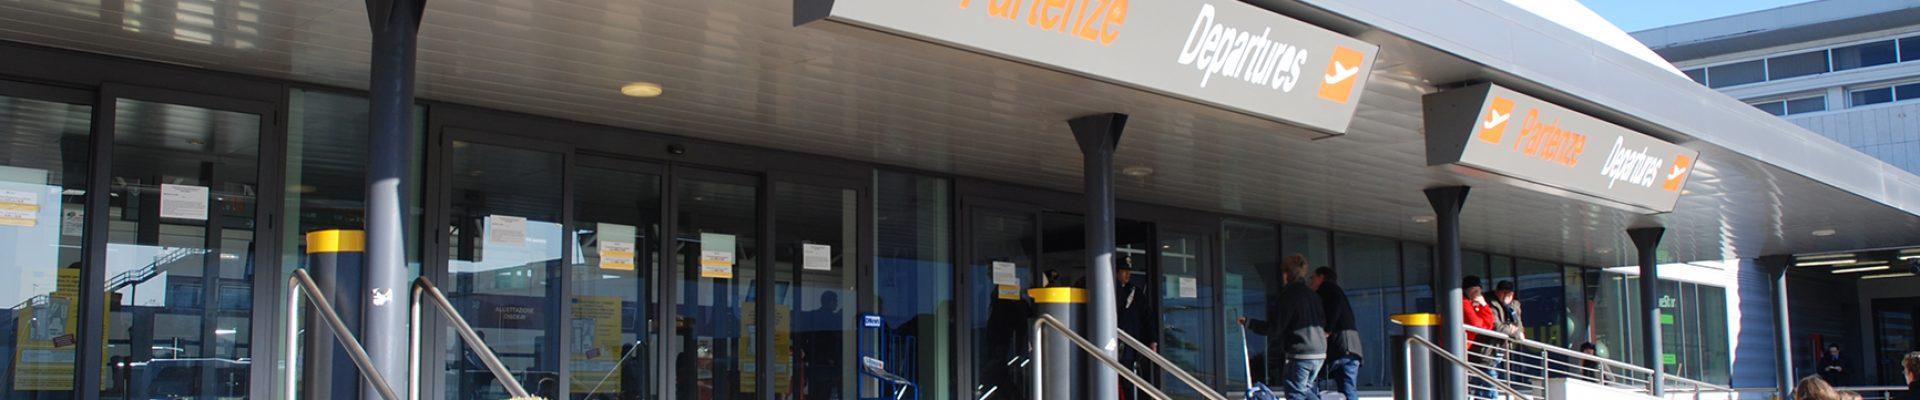 aeropuerto-ciampino-terminal